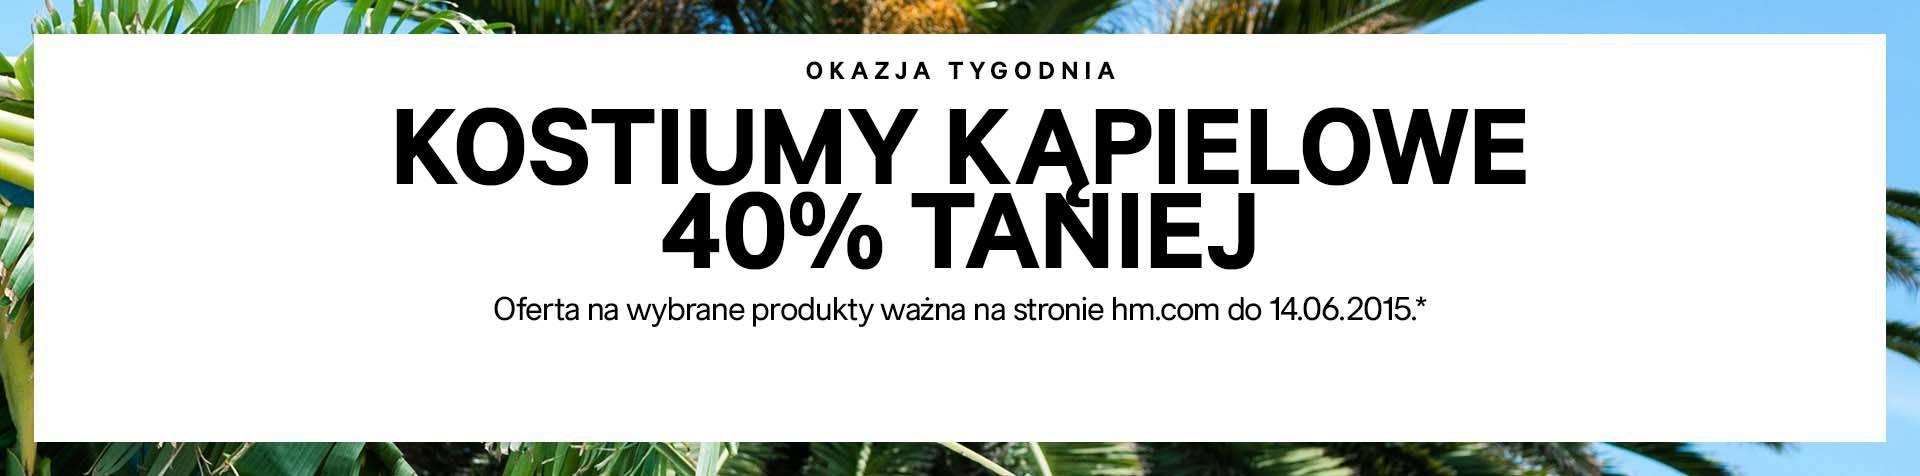 Stroje kapięlowe/szorty taniej o 40% @ H&M